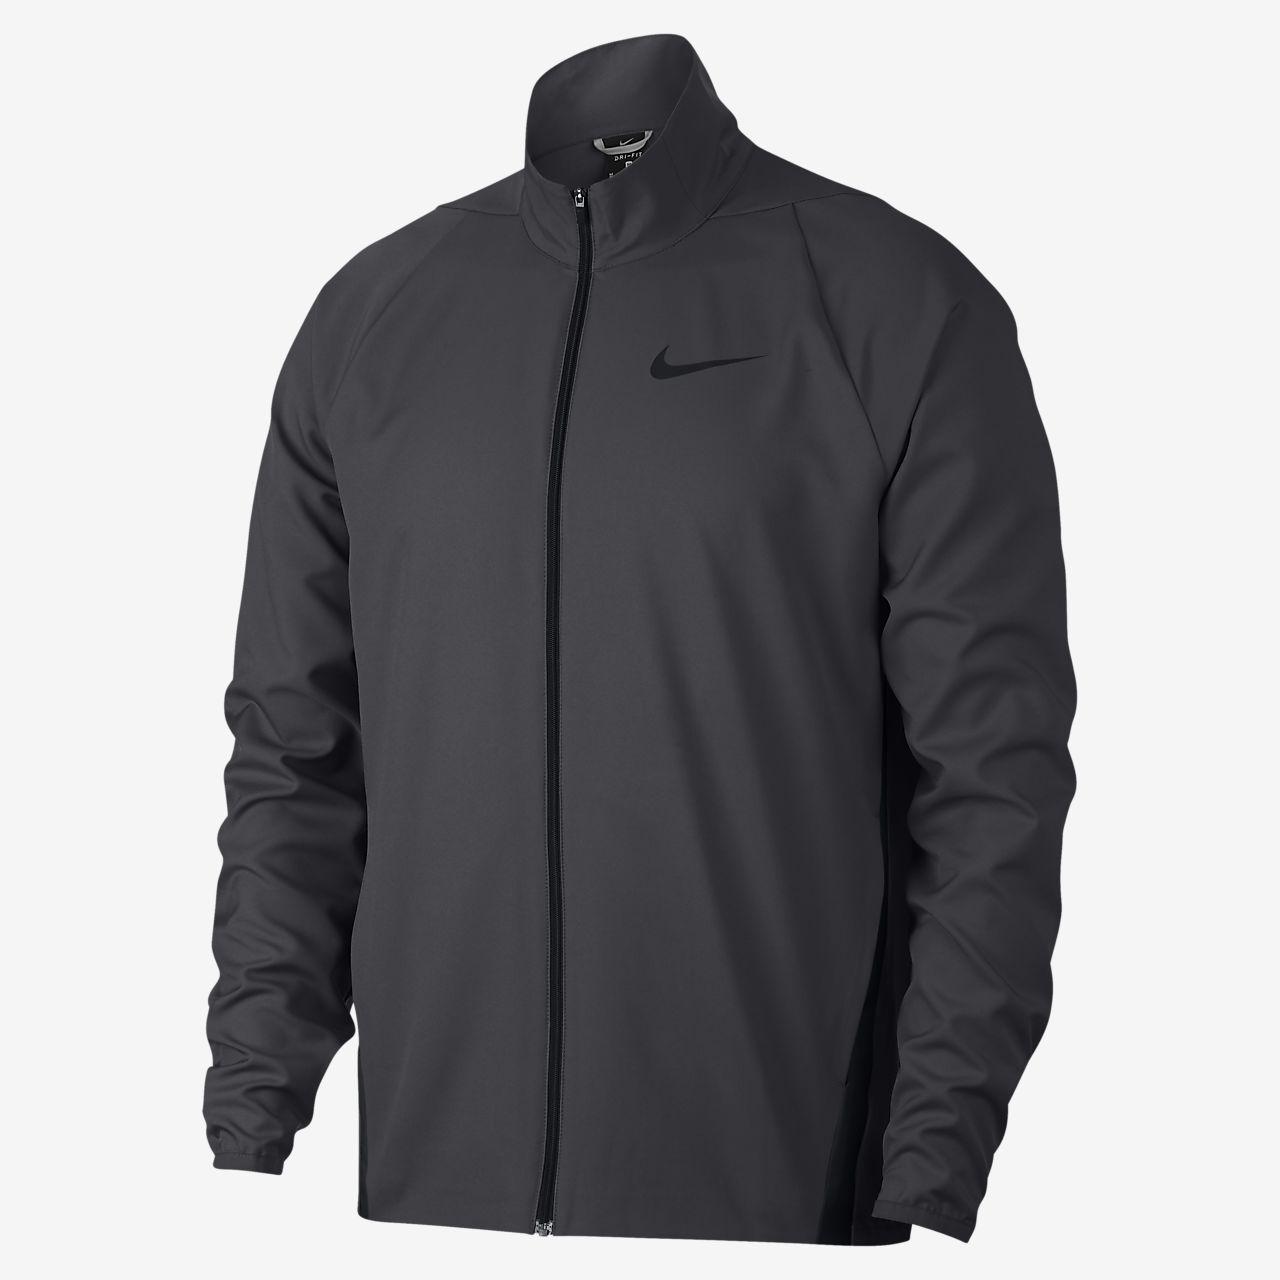 Nike Dri-FIT-vævet træningsjakke til mænd